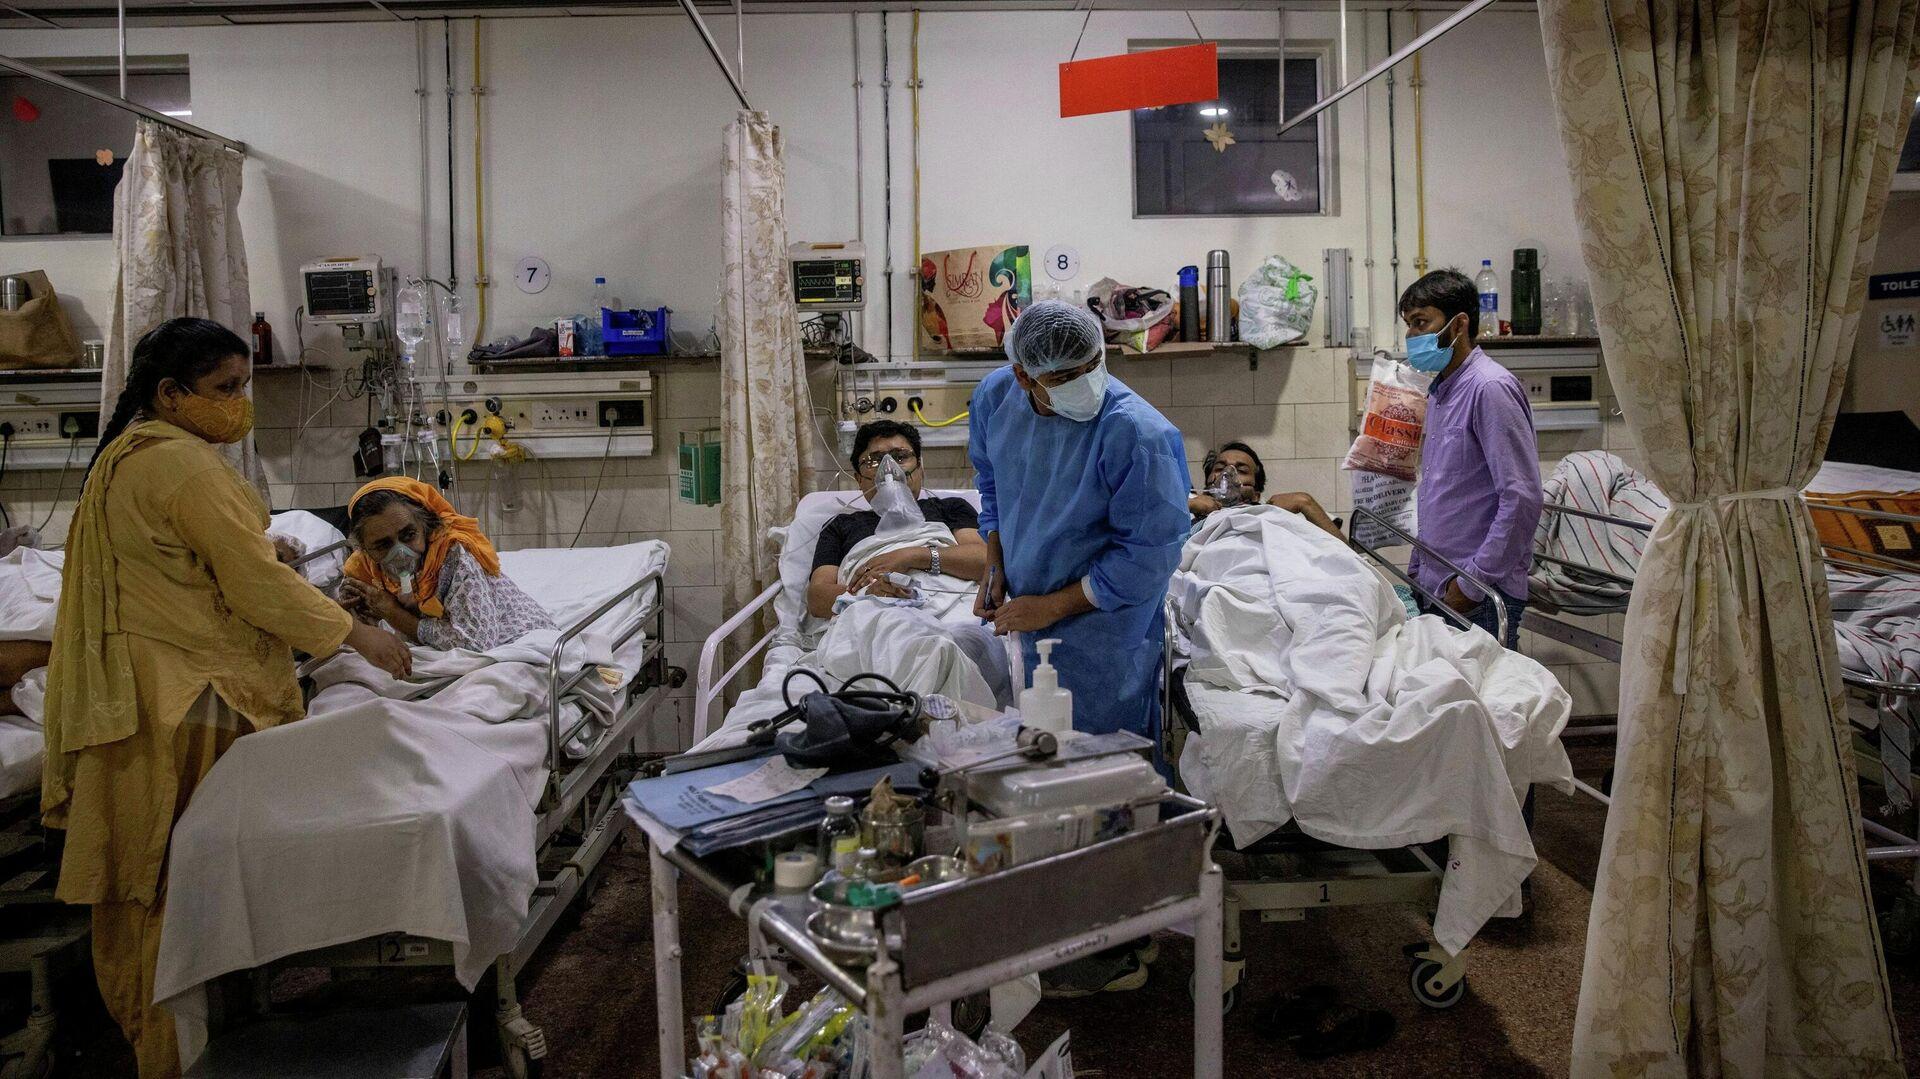 Больница для зараженных коронавирусной инфекцией COVID-19 в городе Нью-Дели, Индия - РИА Новости, 1920, 25.06.2021